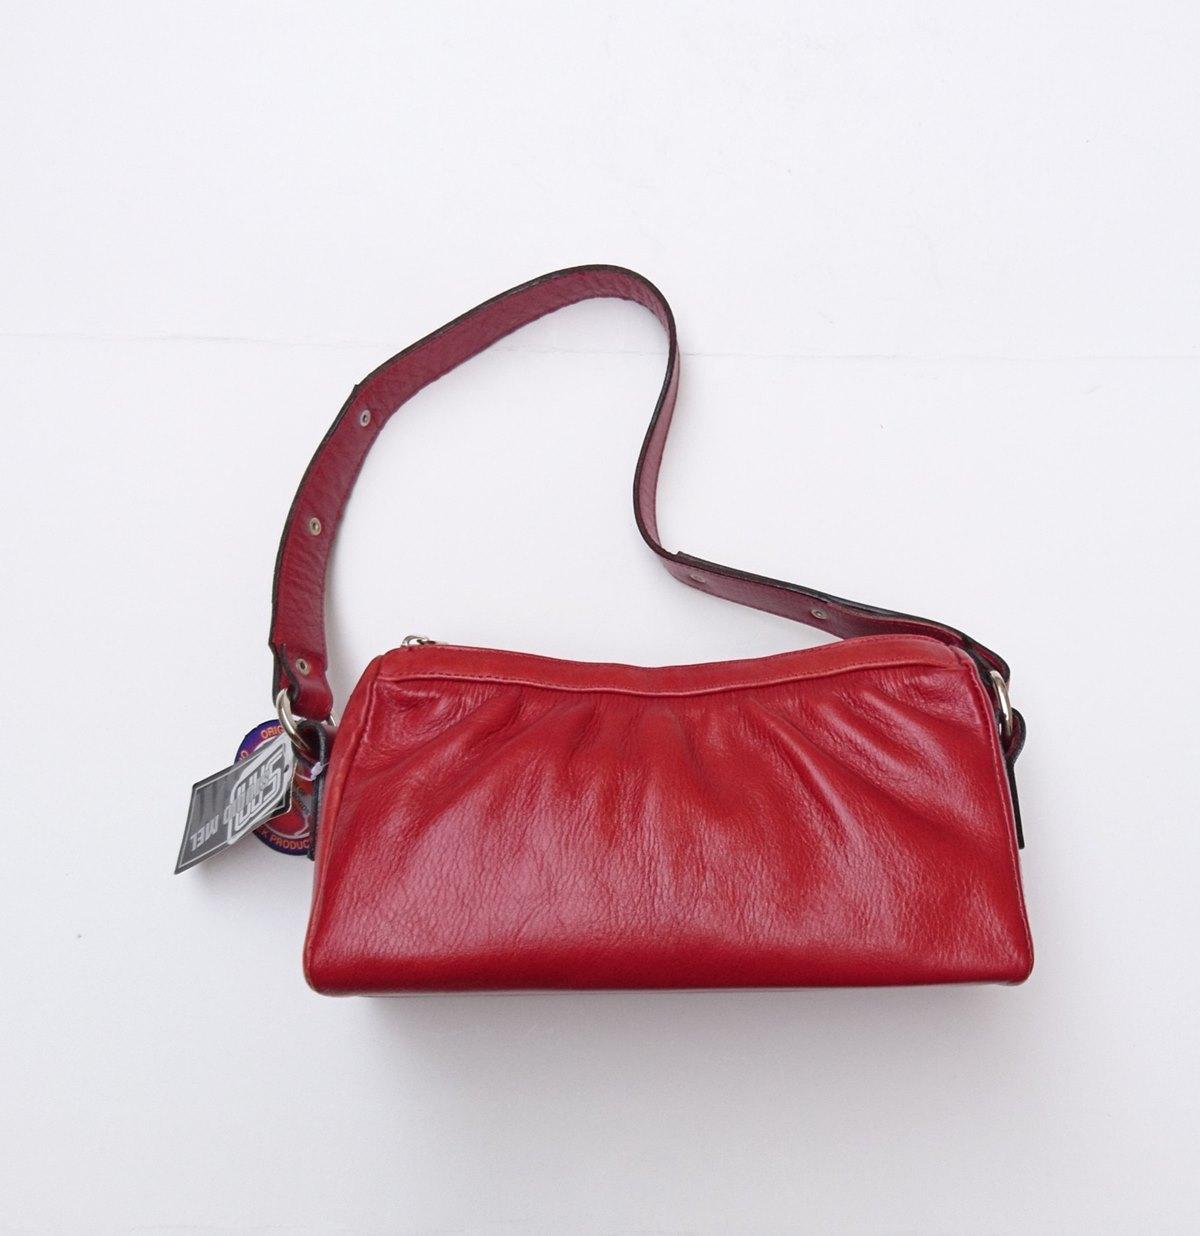 Γυναικεία τσντα ώμου δέρμα 55821 κόκκινο